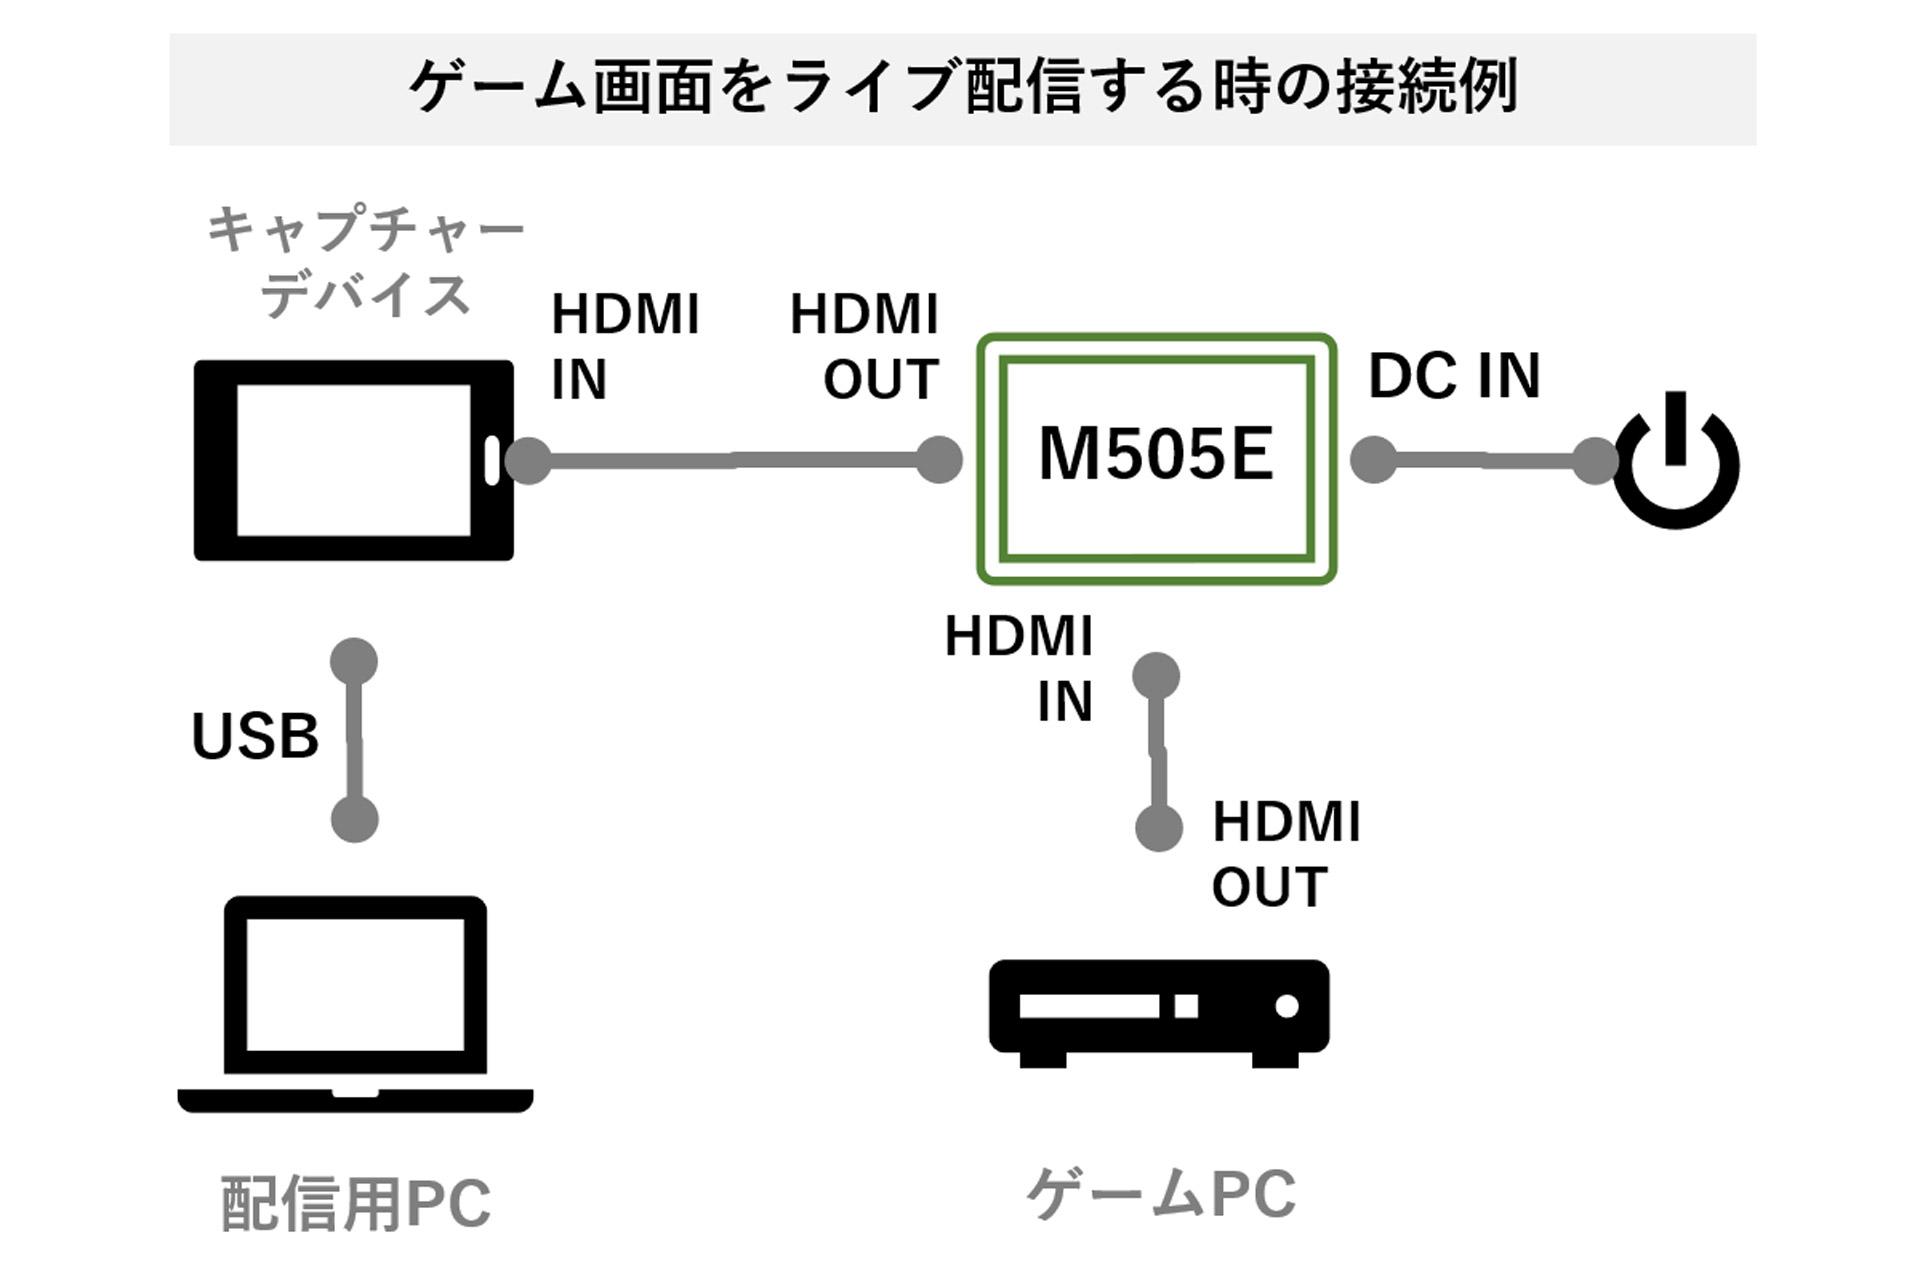 ゲーム画面をライブ配信するときの接続例